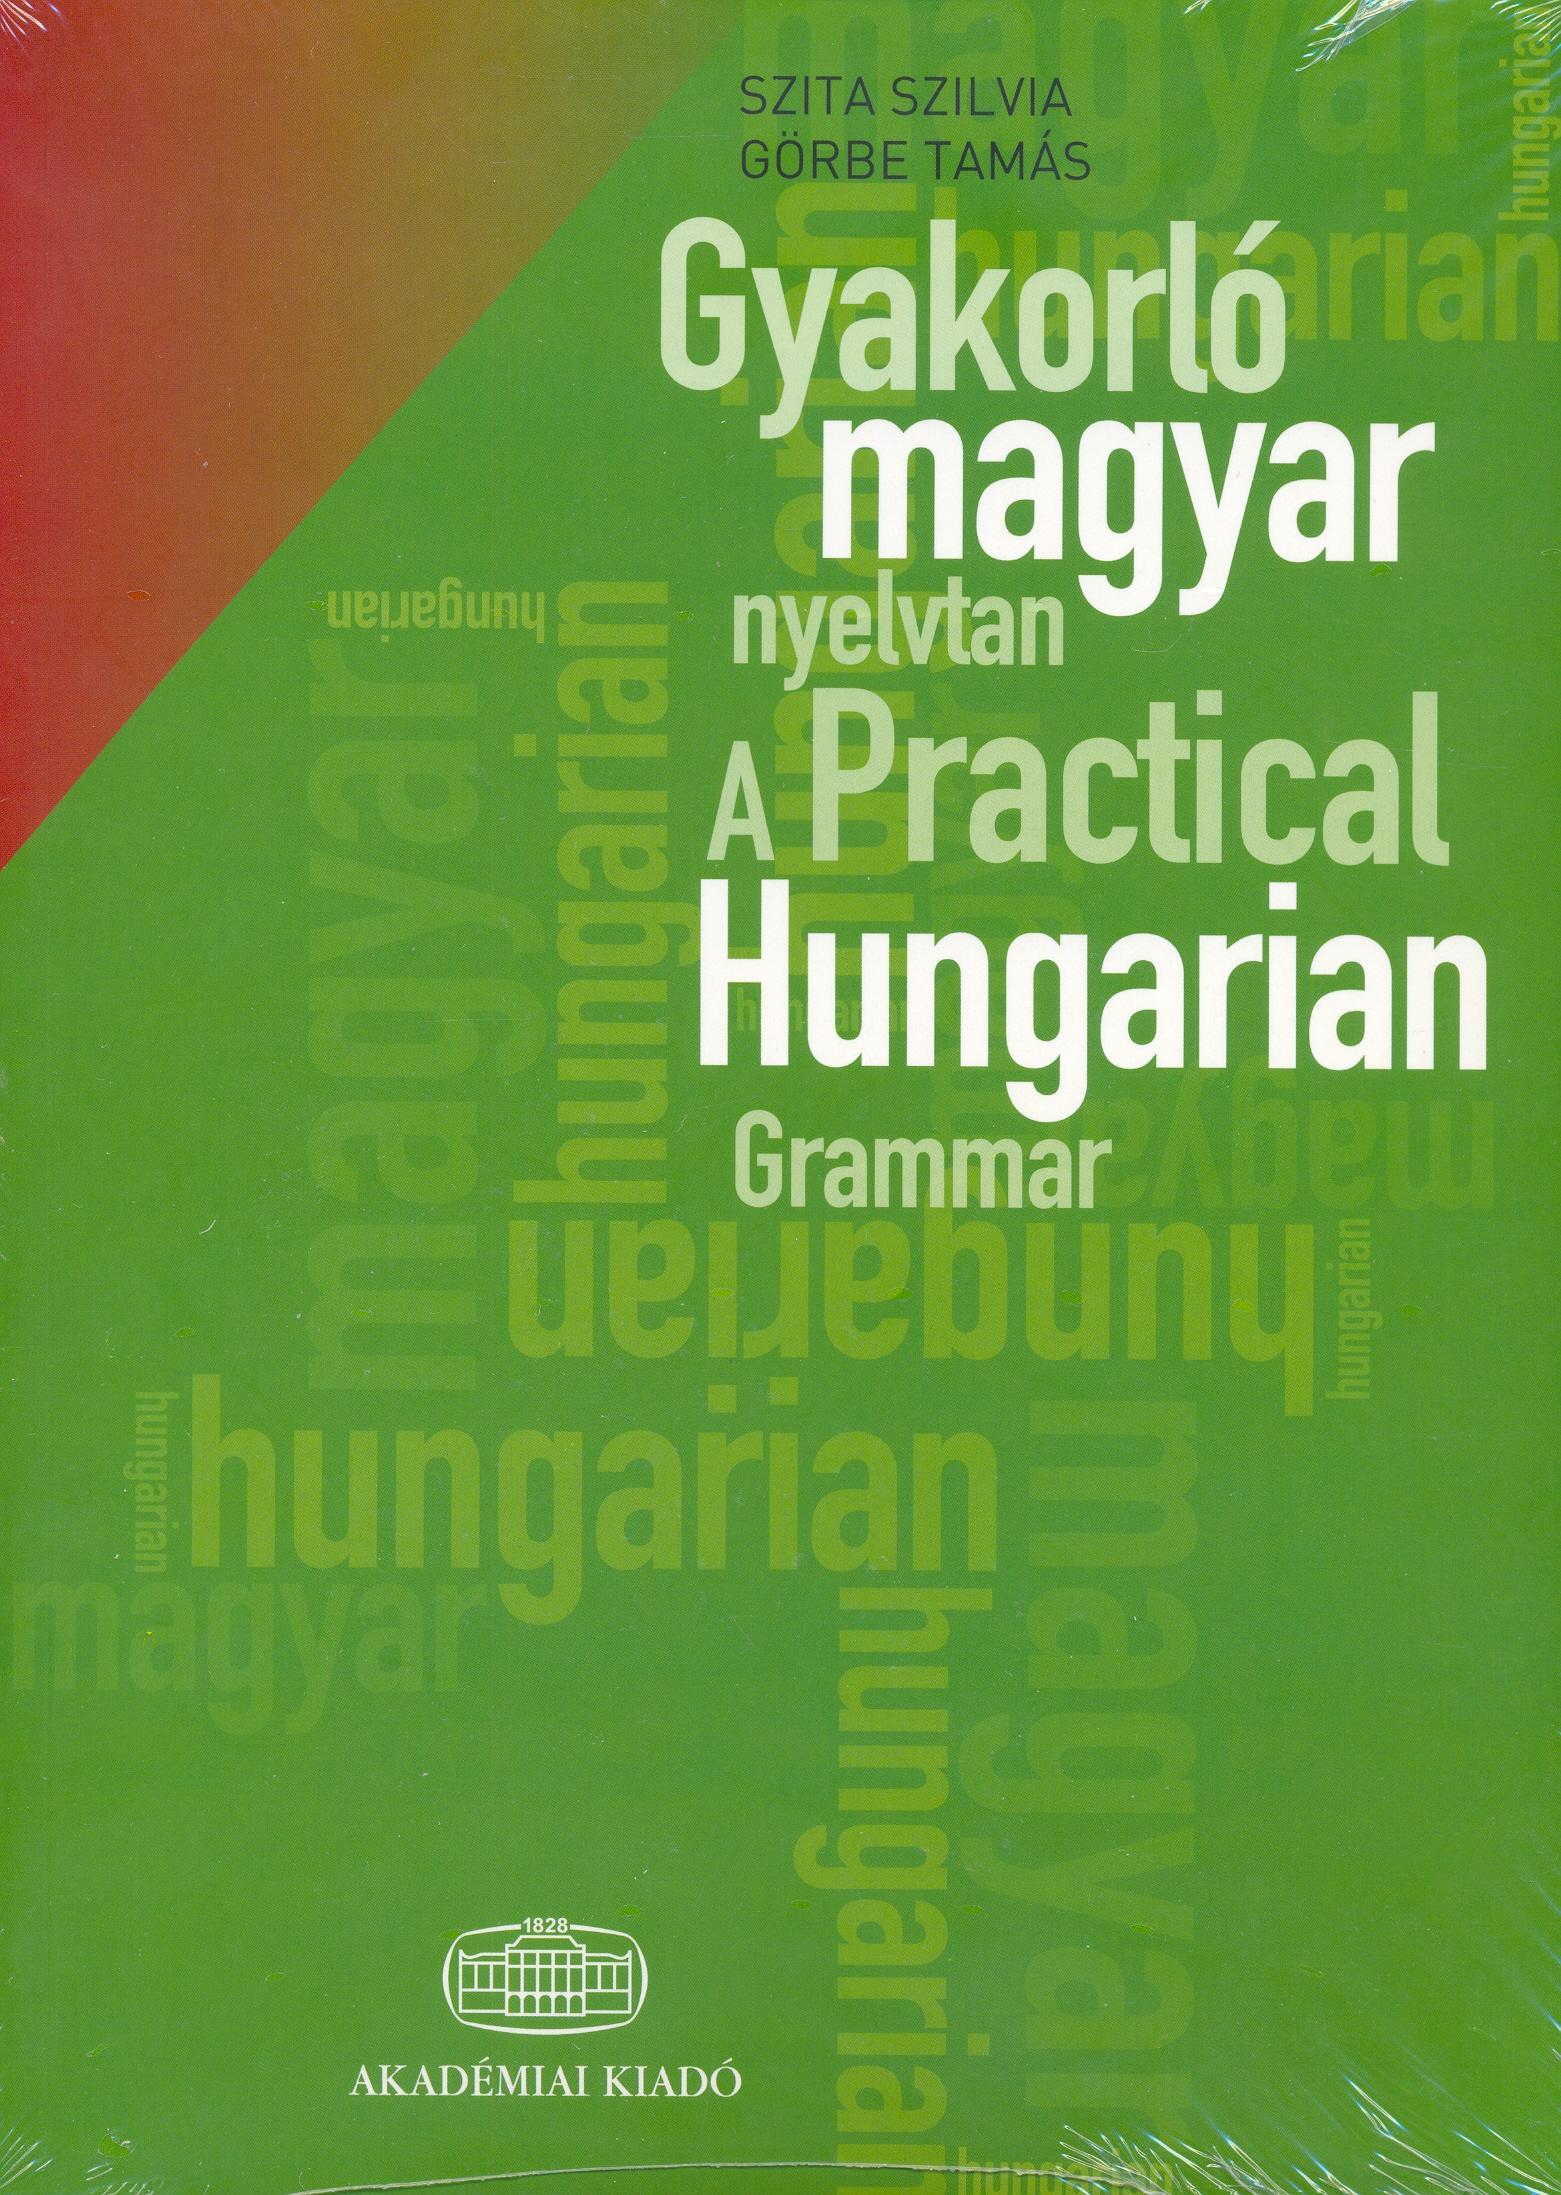 Gyakorló magyar nyelvtan + online szójegyzék kódja |  A Practical Hungarian Grammar + Online glossary access code